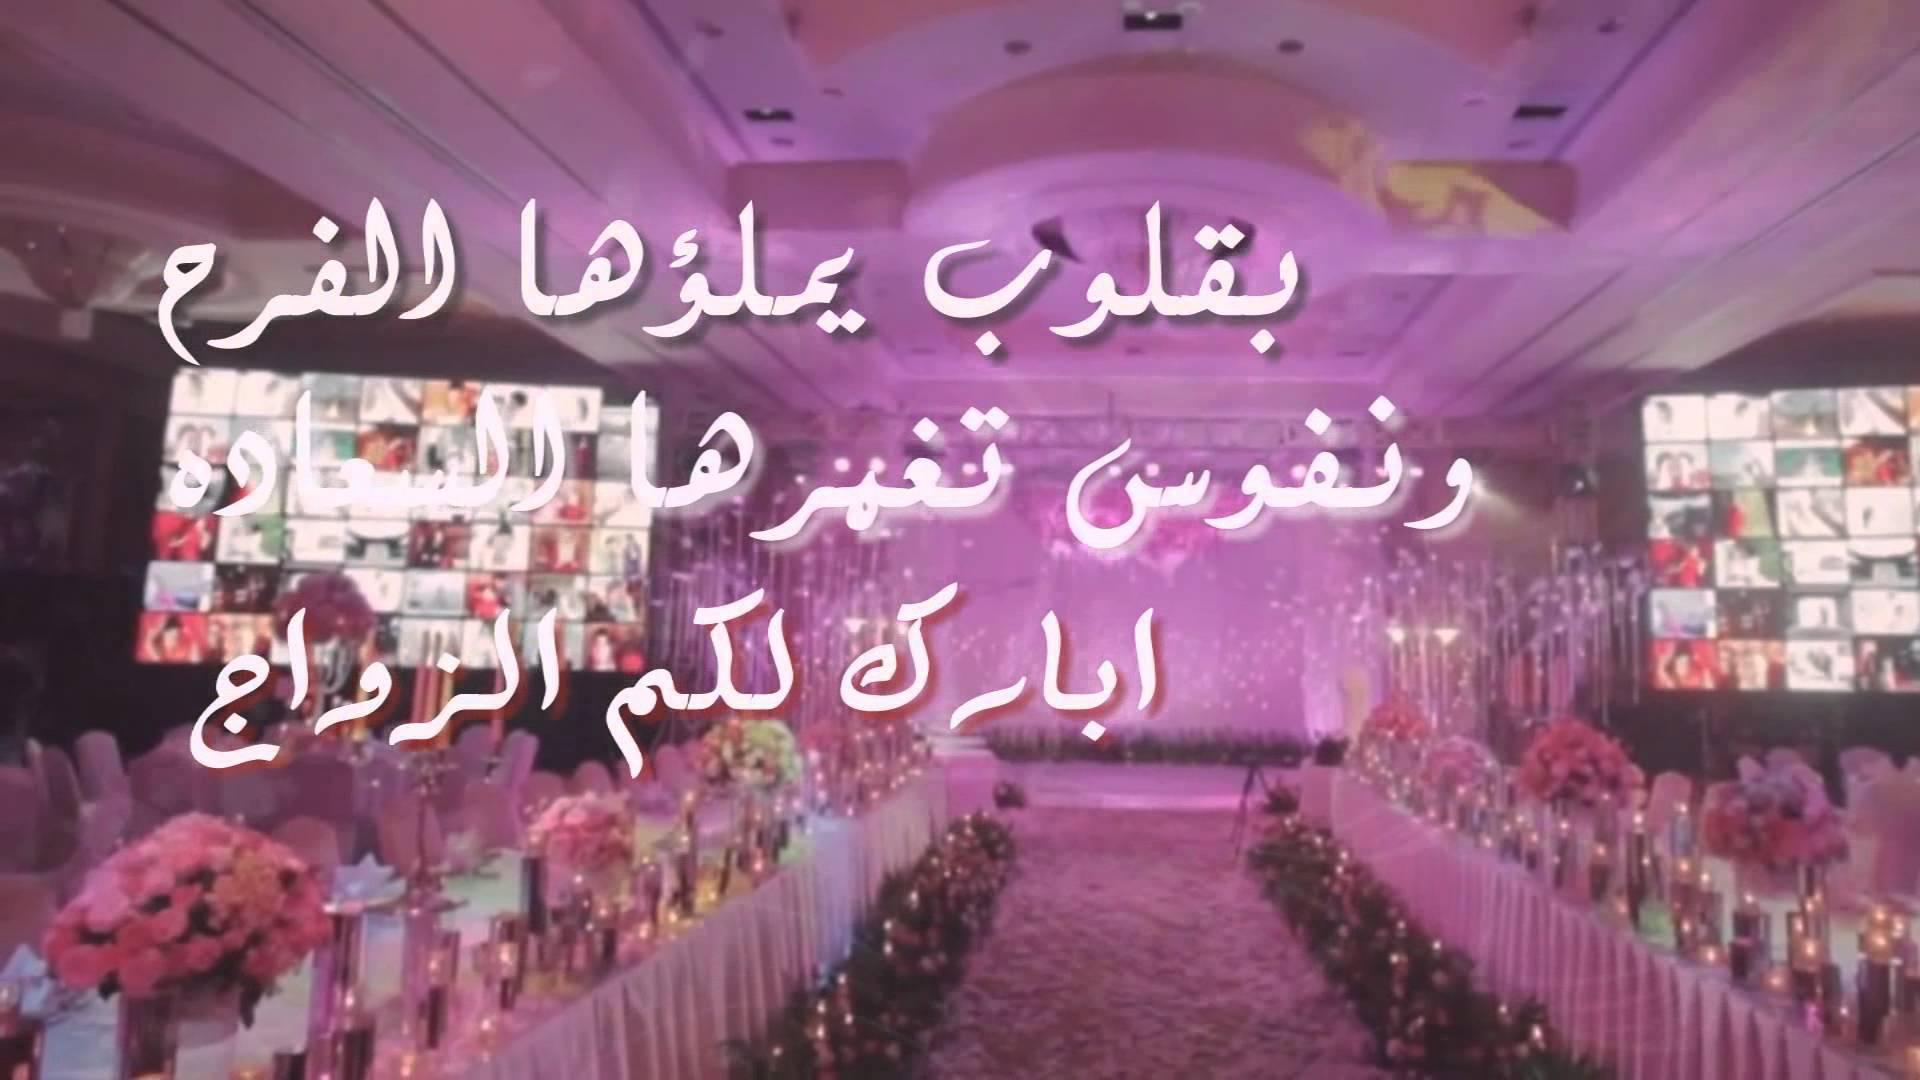 بالصور عبارات تهنئة للعروس من صديقتها , اجمل جمل تقال للعروس من صديقاتها 3530 6